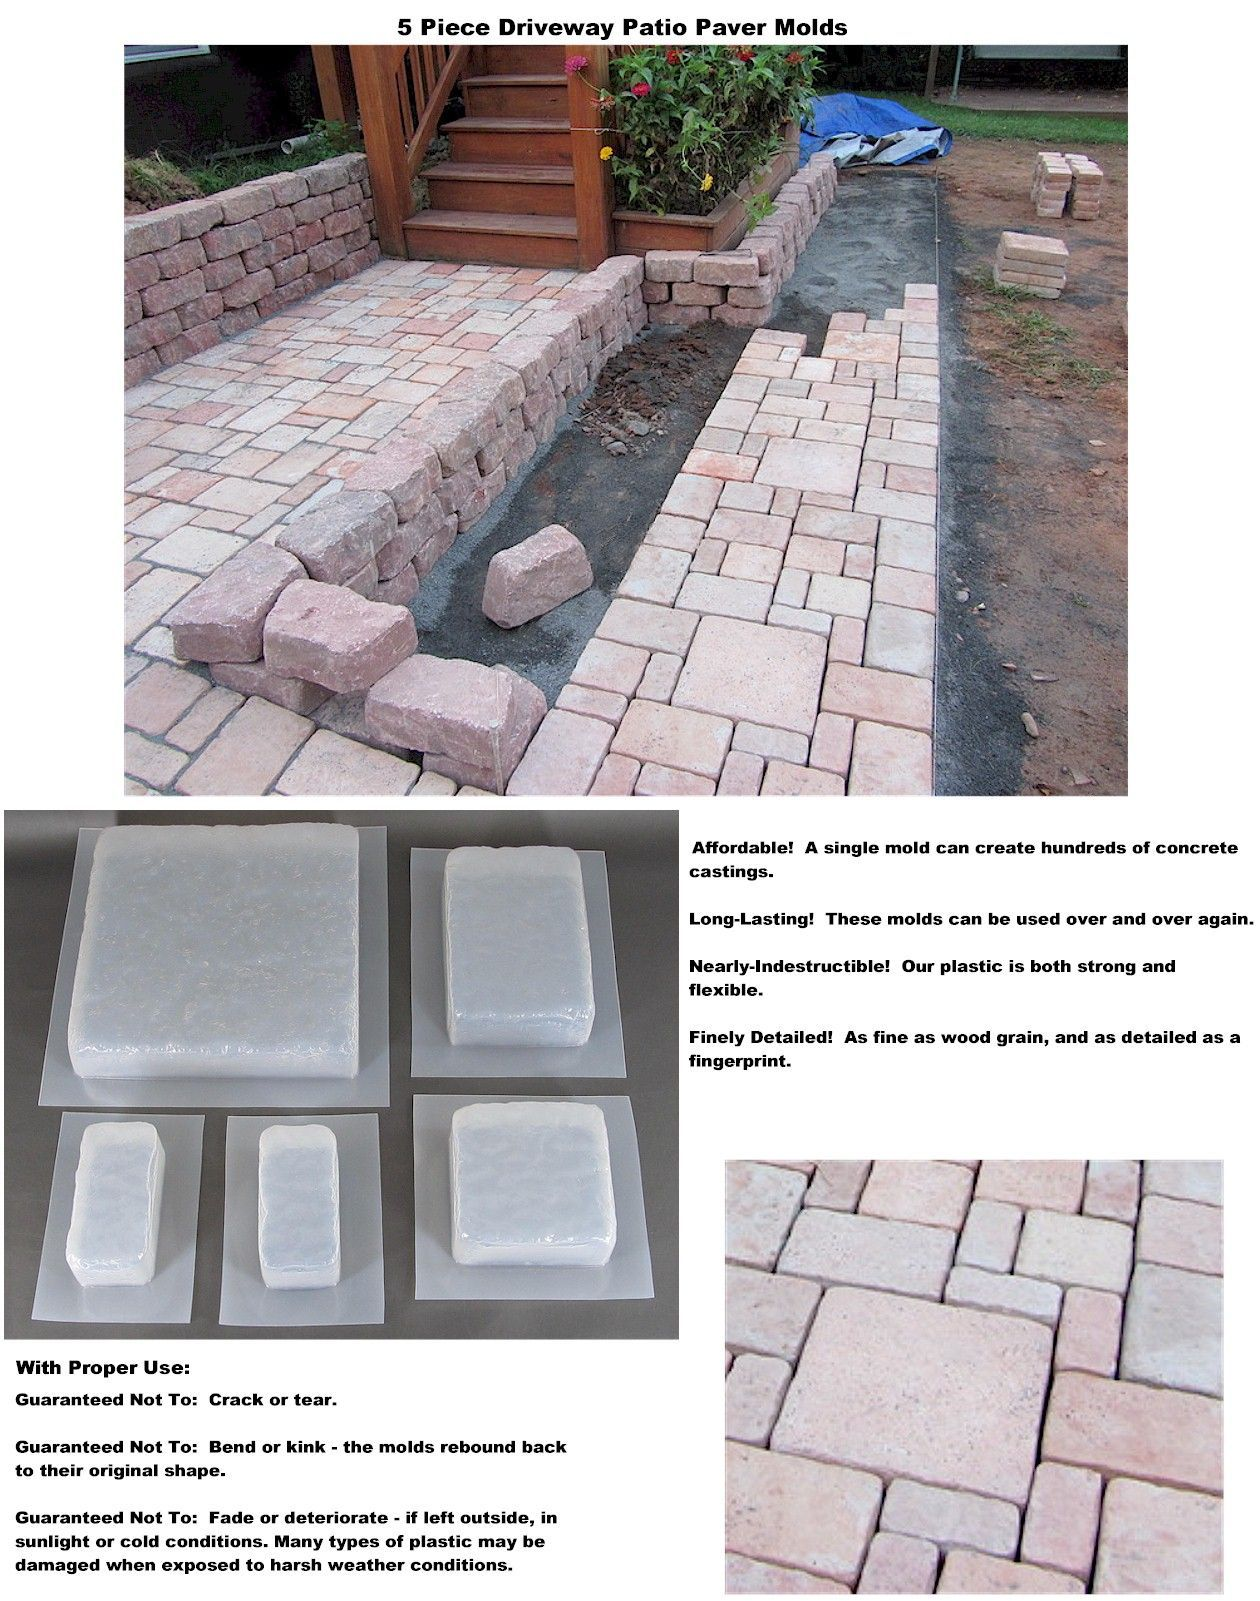 New 5 Piece Concrete Molds Forms Driveways Patio Paver Diy Landscape Patio Outdoor Patio Pavers Outdoor Patio Set